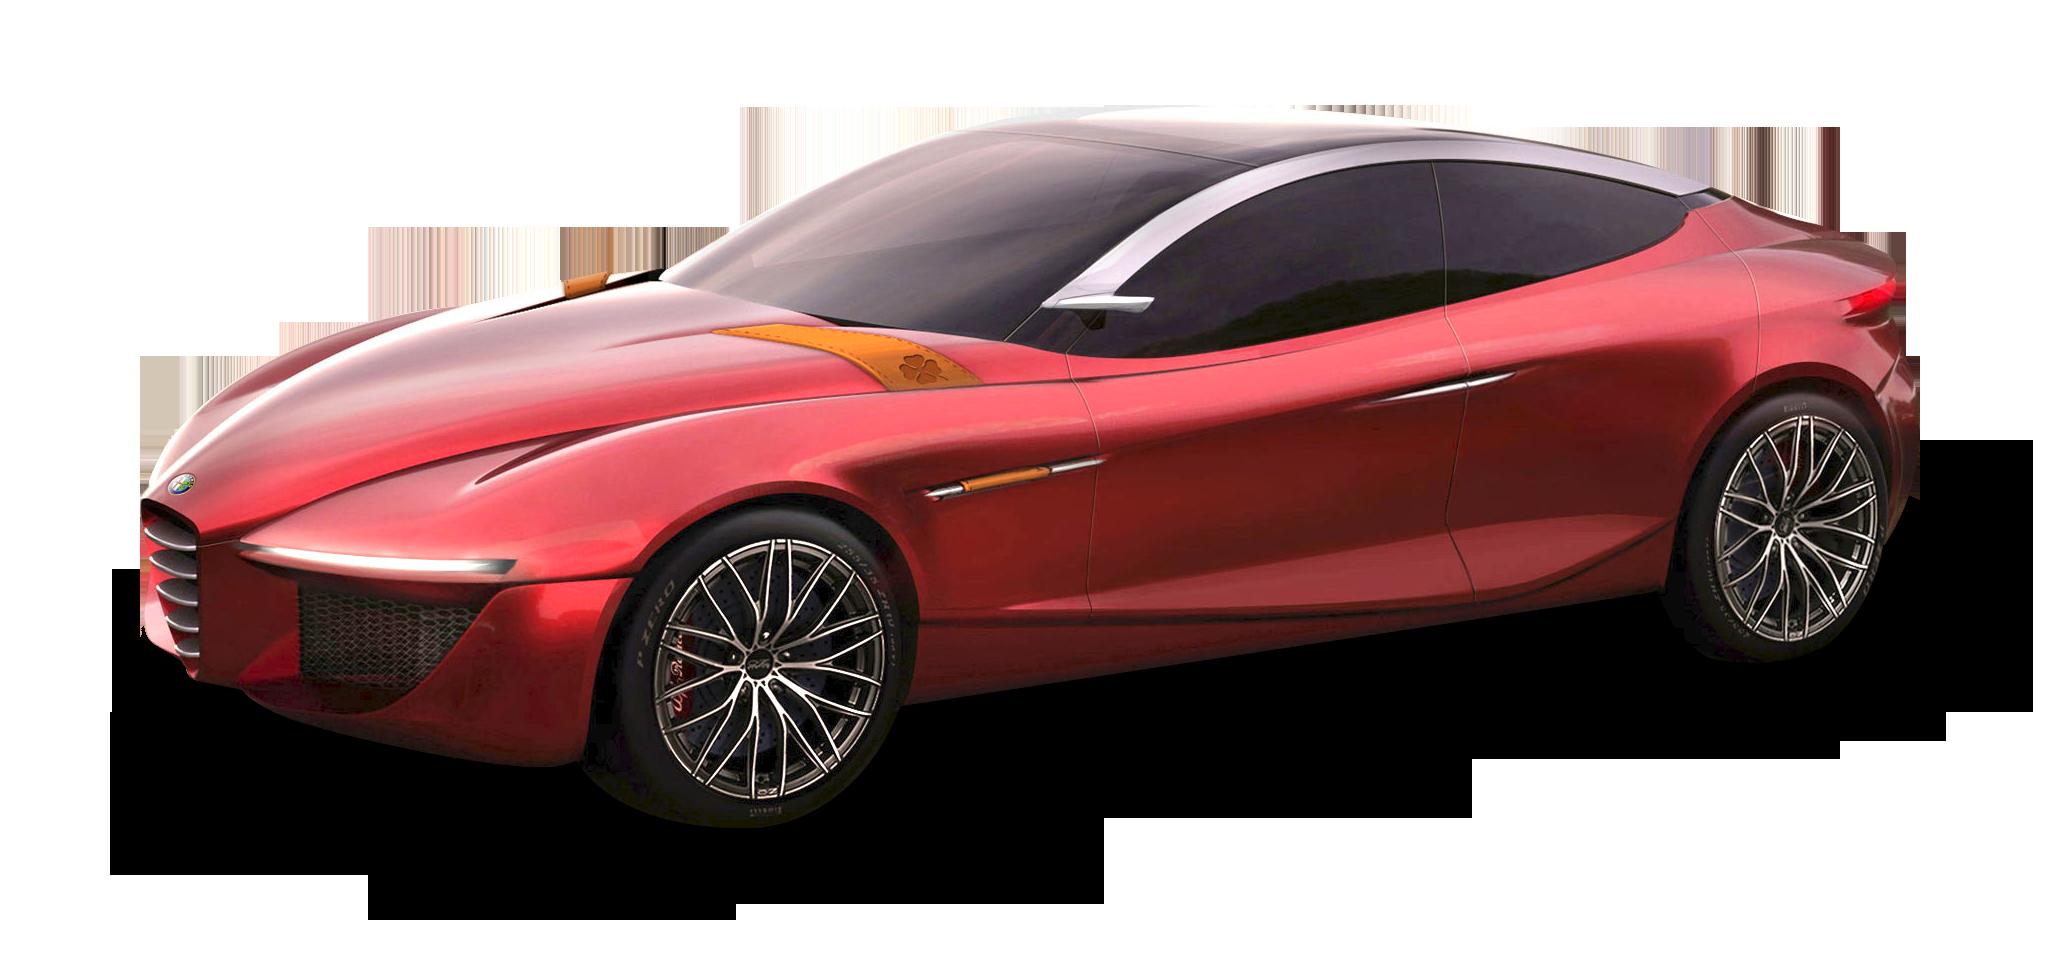 Red Alfa Romeo Gloria Car PNG Image